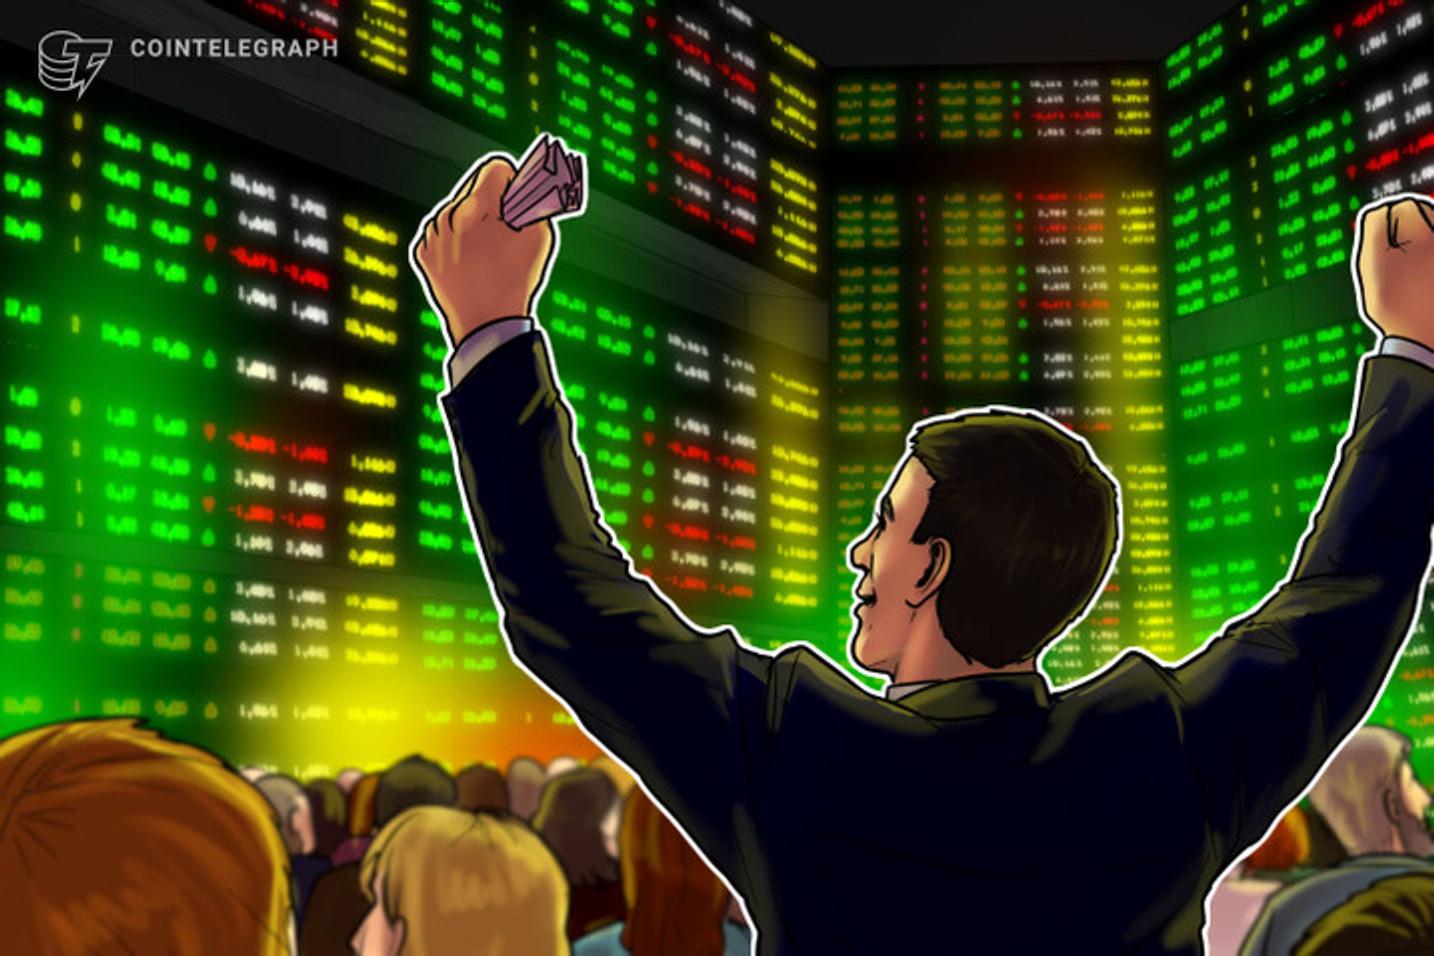 En Argentina, Decrypto.la permitirá comprar tokens que representan acciones